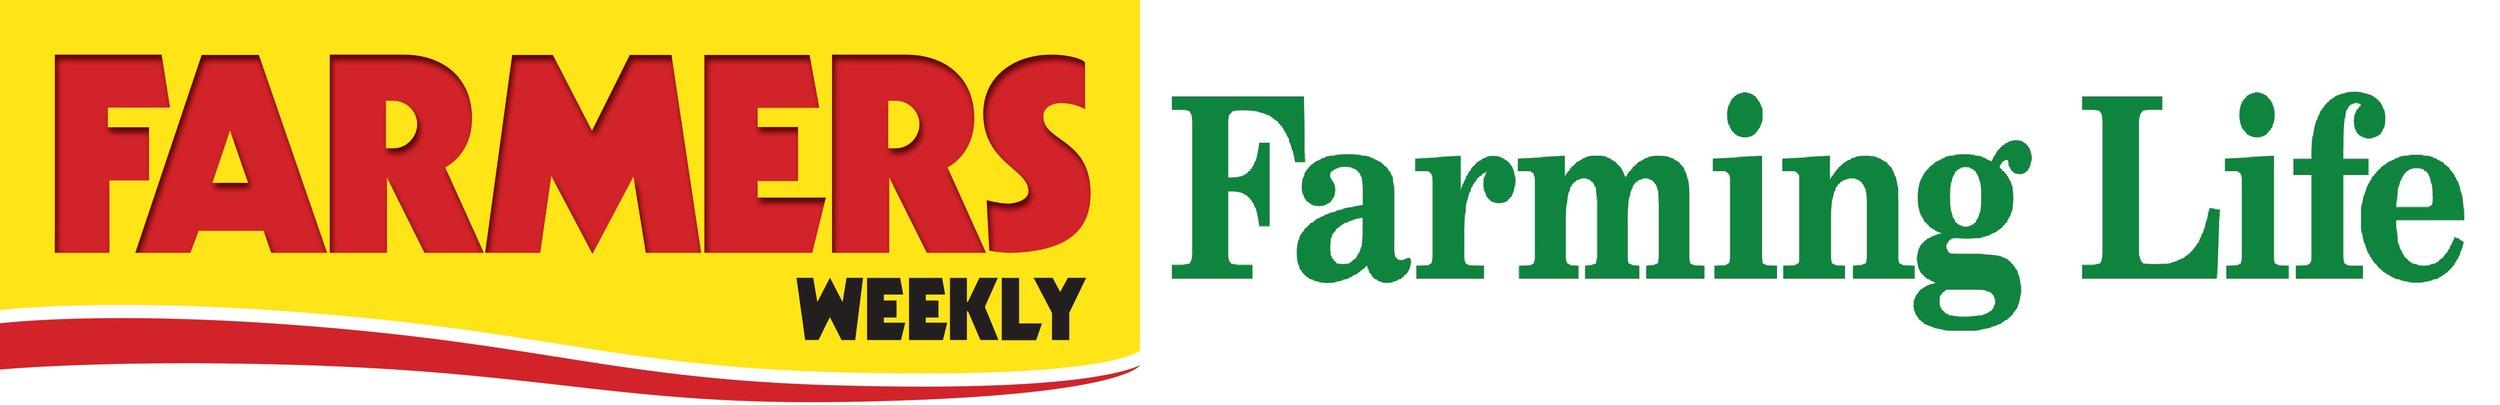 Media partner logos.jpg